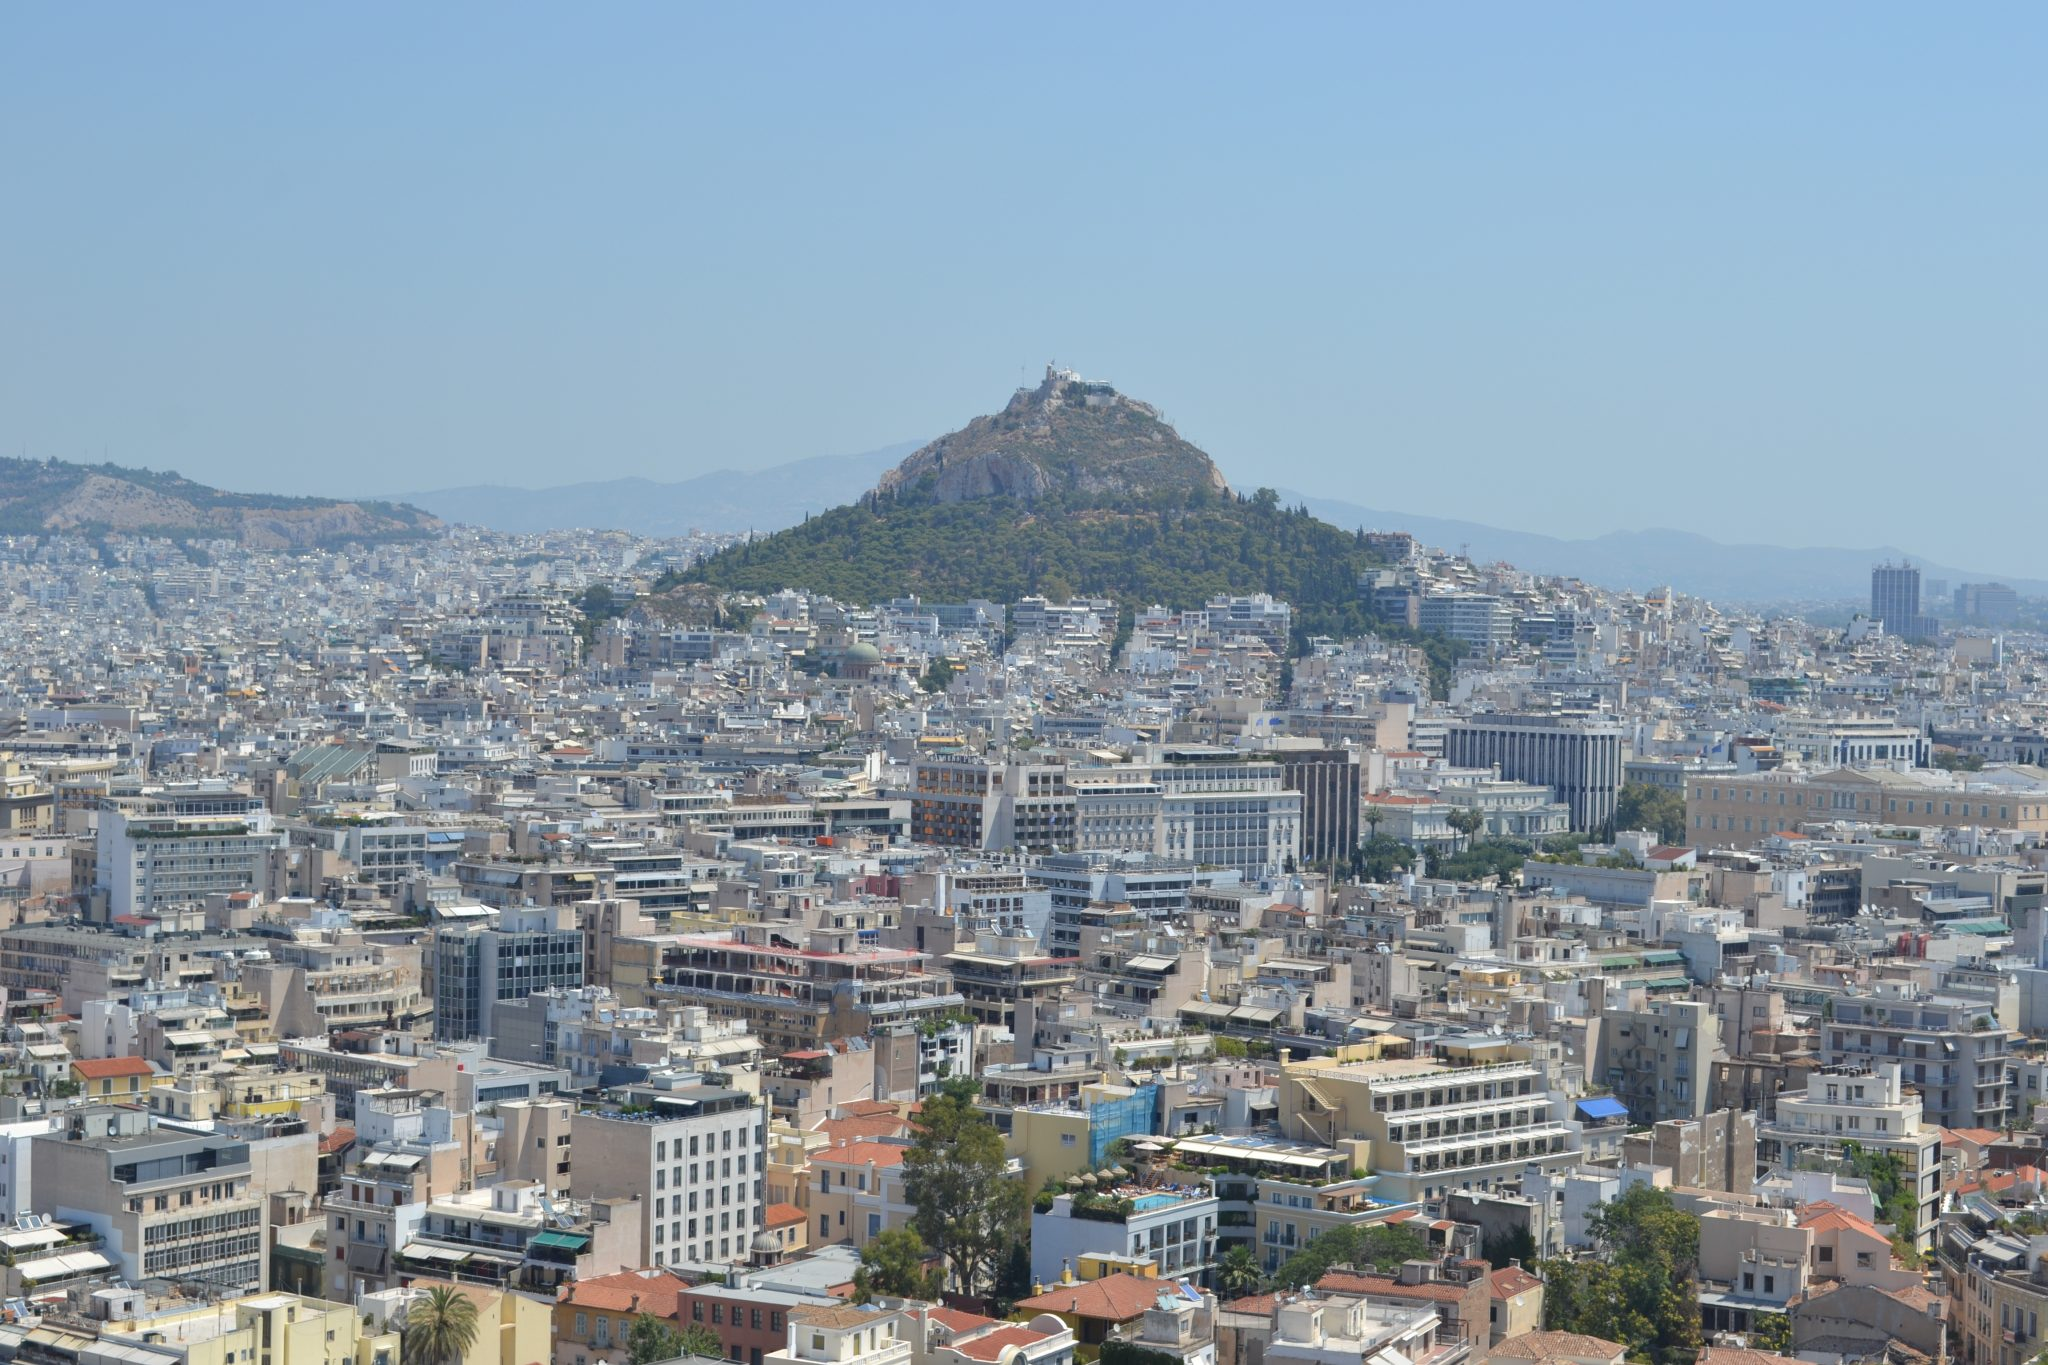 Semester abroad #13: 5 Tipps für die Praktikumssuche im Ausland - DSC 0227